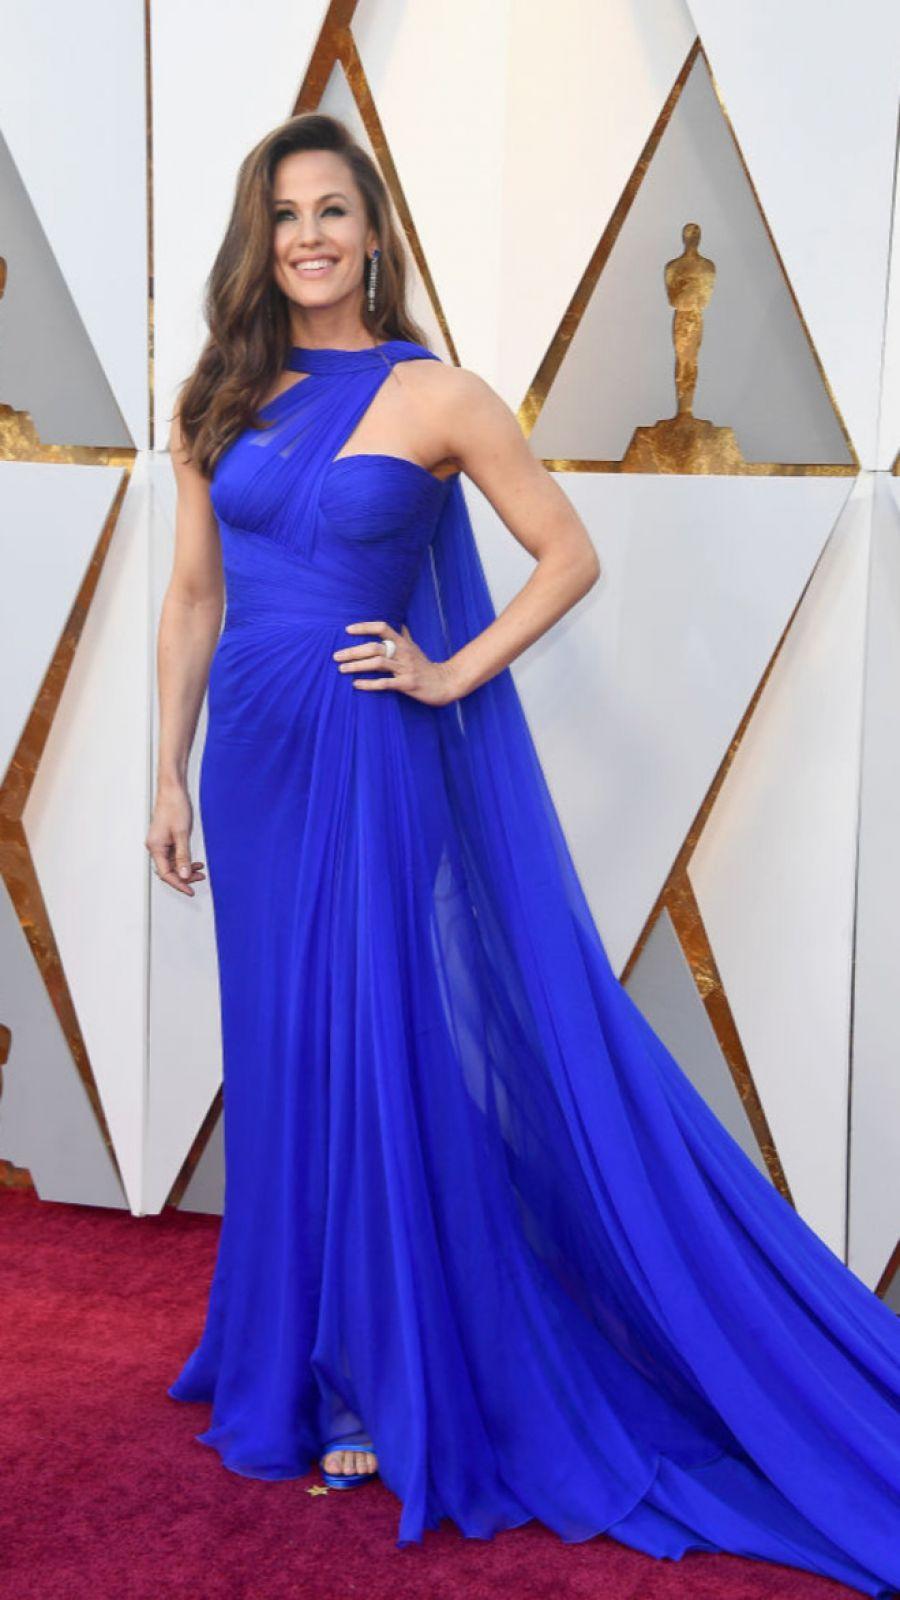 Дженнифер Гарнер выбрала шифоновый яркий наряд, который эффектно подчеркнул ее фигуру.